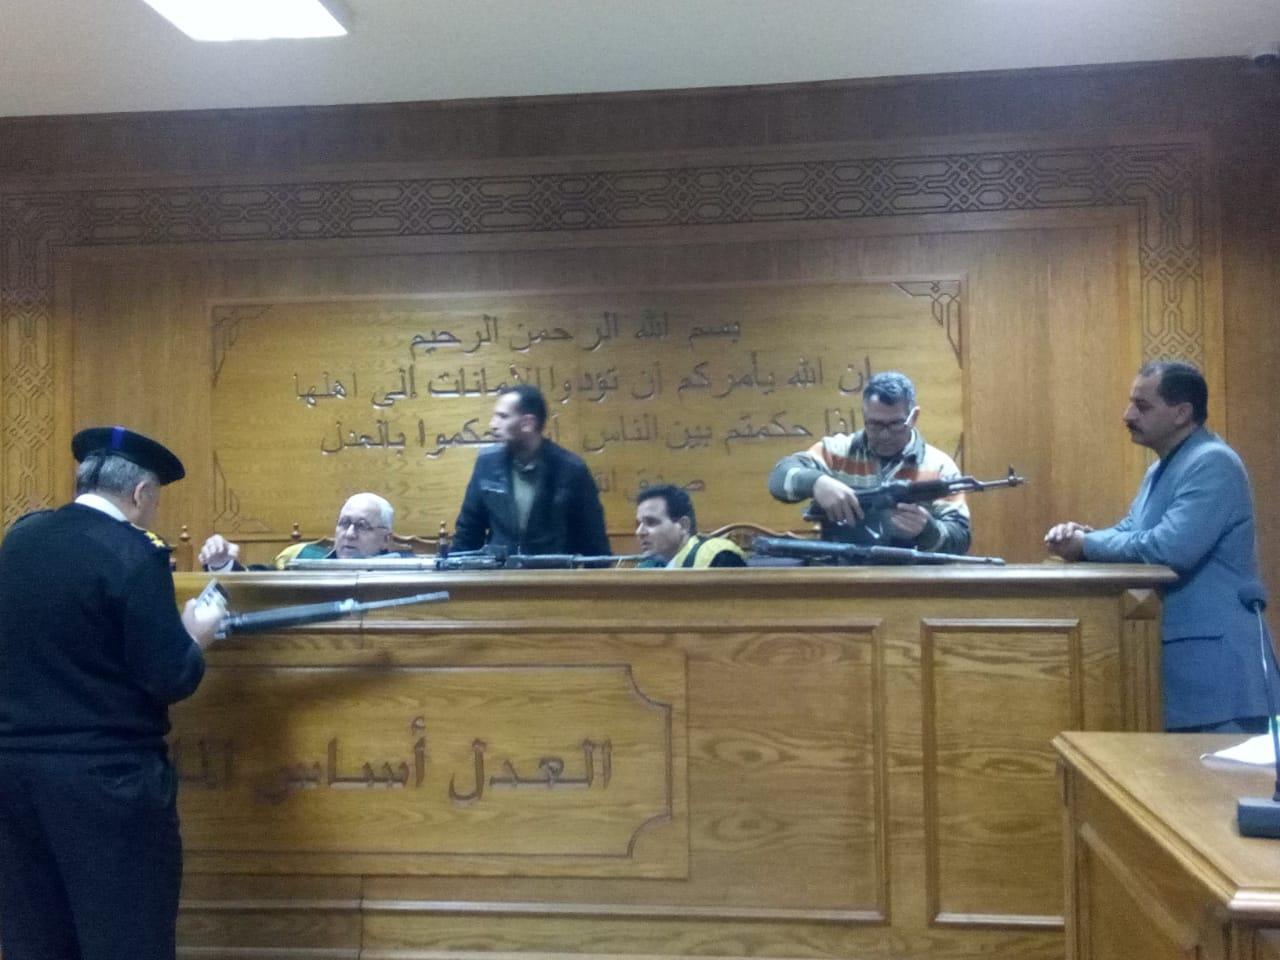 هيئة المحكمة برئاسة المستشار محمد سعيد الشربينى تفض احراز العائدون من ليبيا (2)